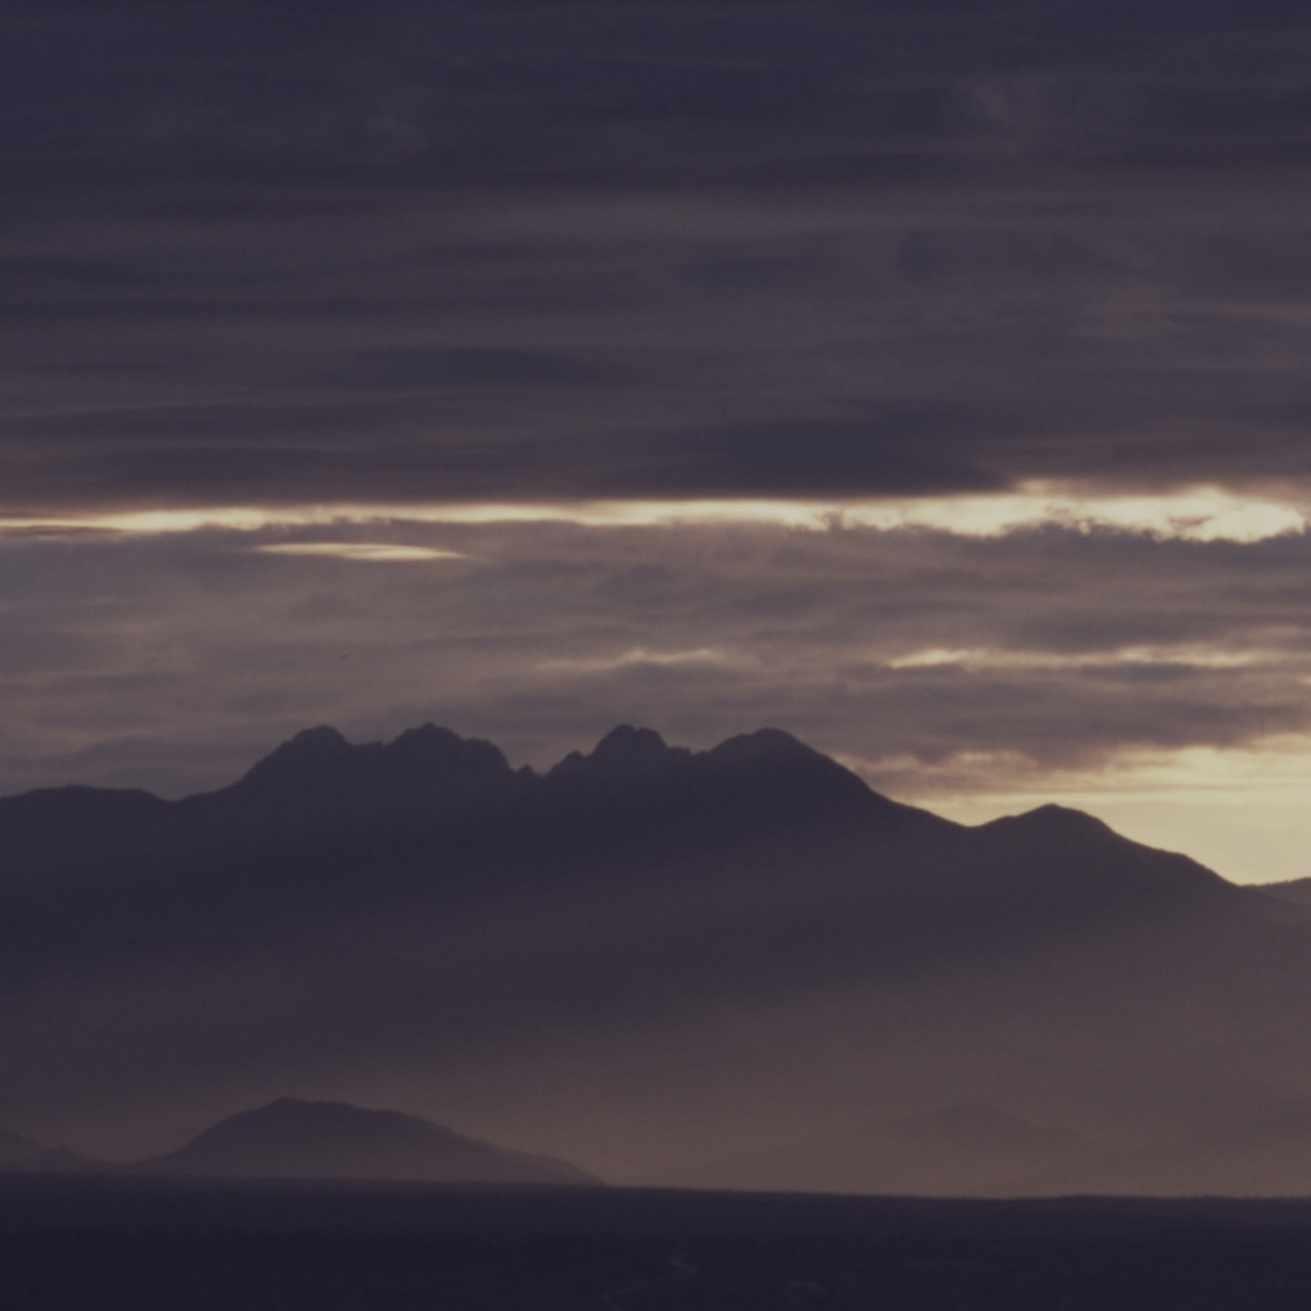 mountain alps against a dusky sky